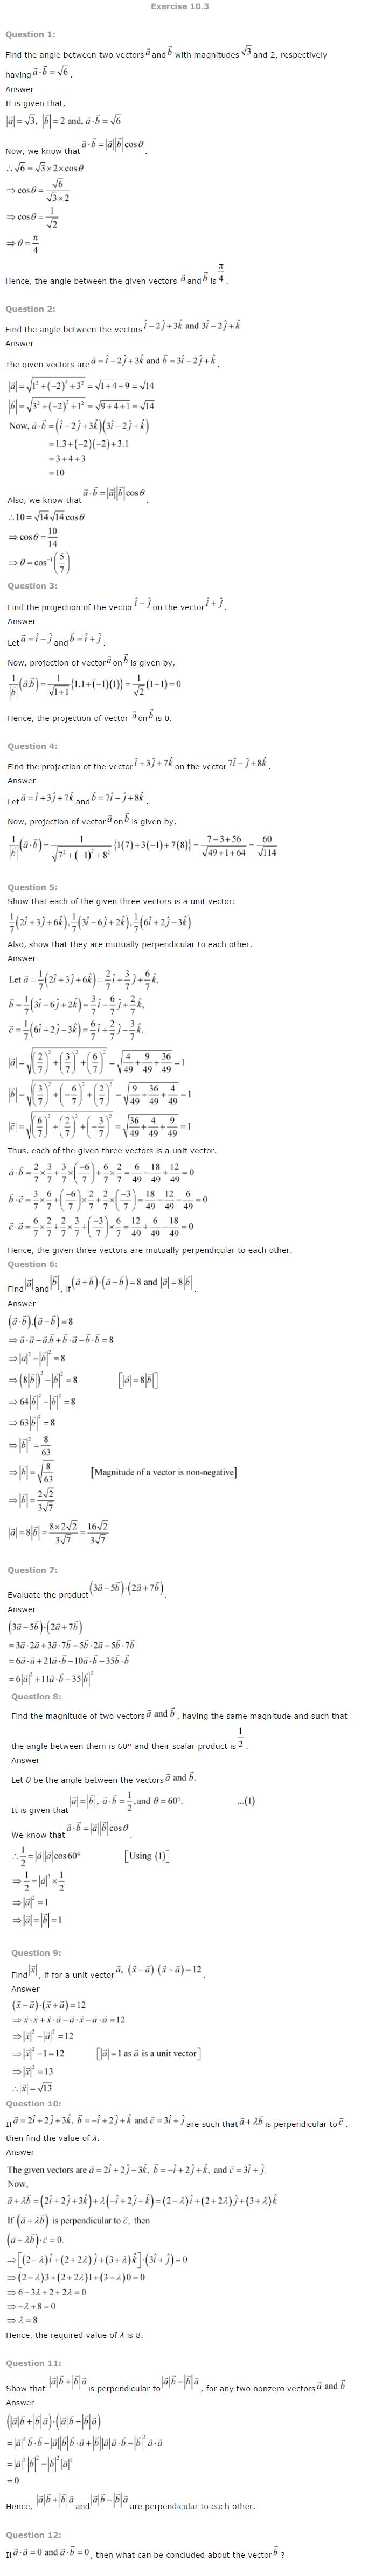 NCERT Solutions for Class 12 Maths Chapter 10 Vector Algebra ex10.3